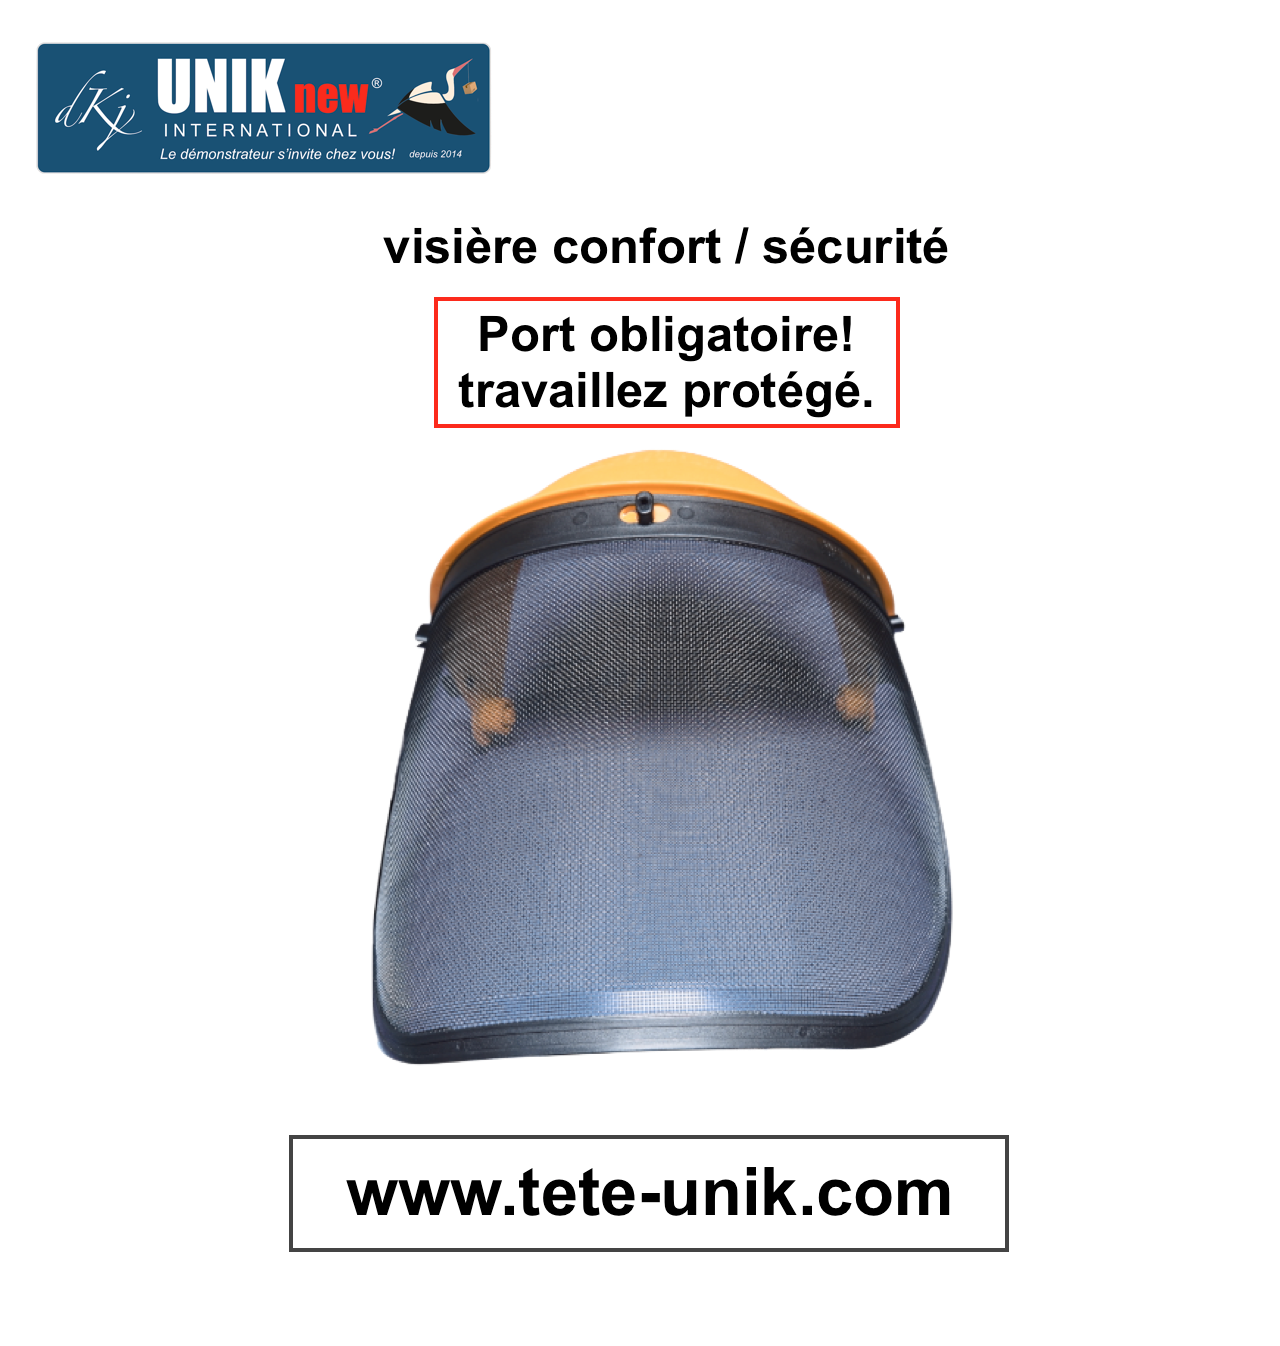 Visière confort/sécurité UNIK new